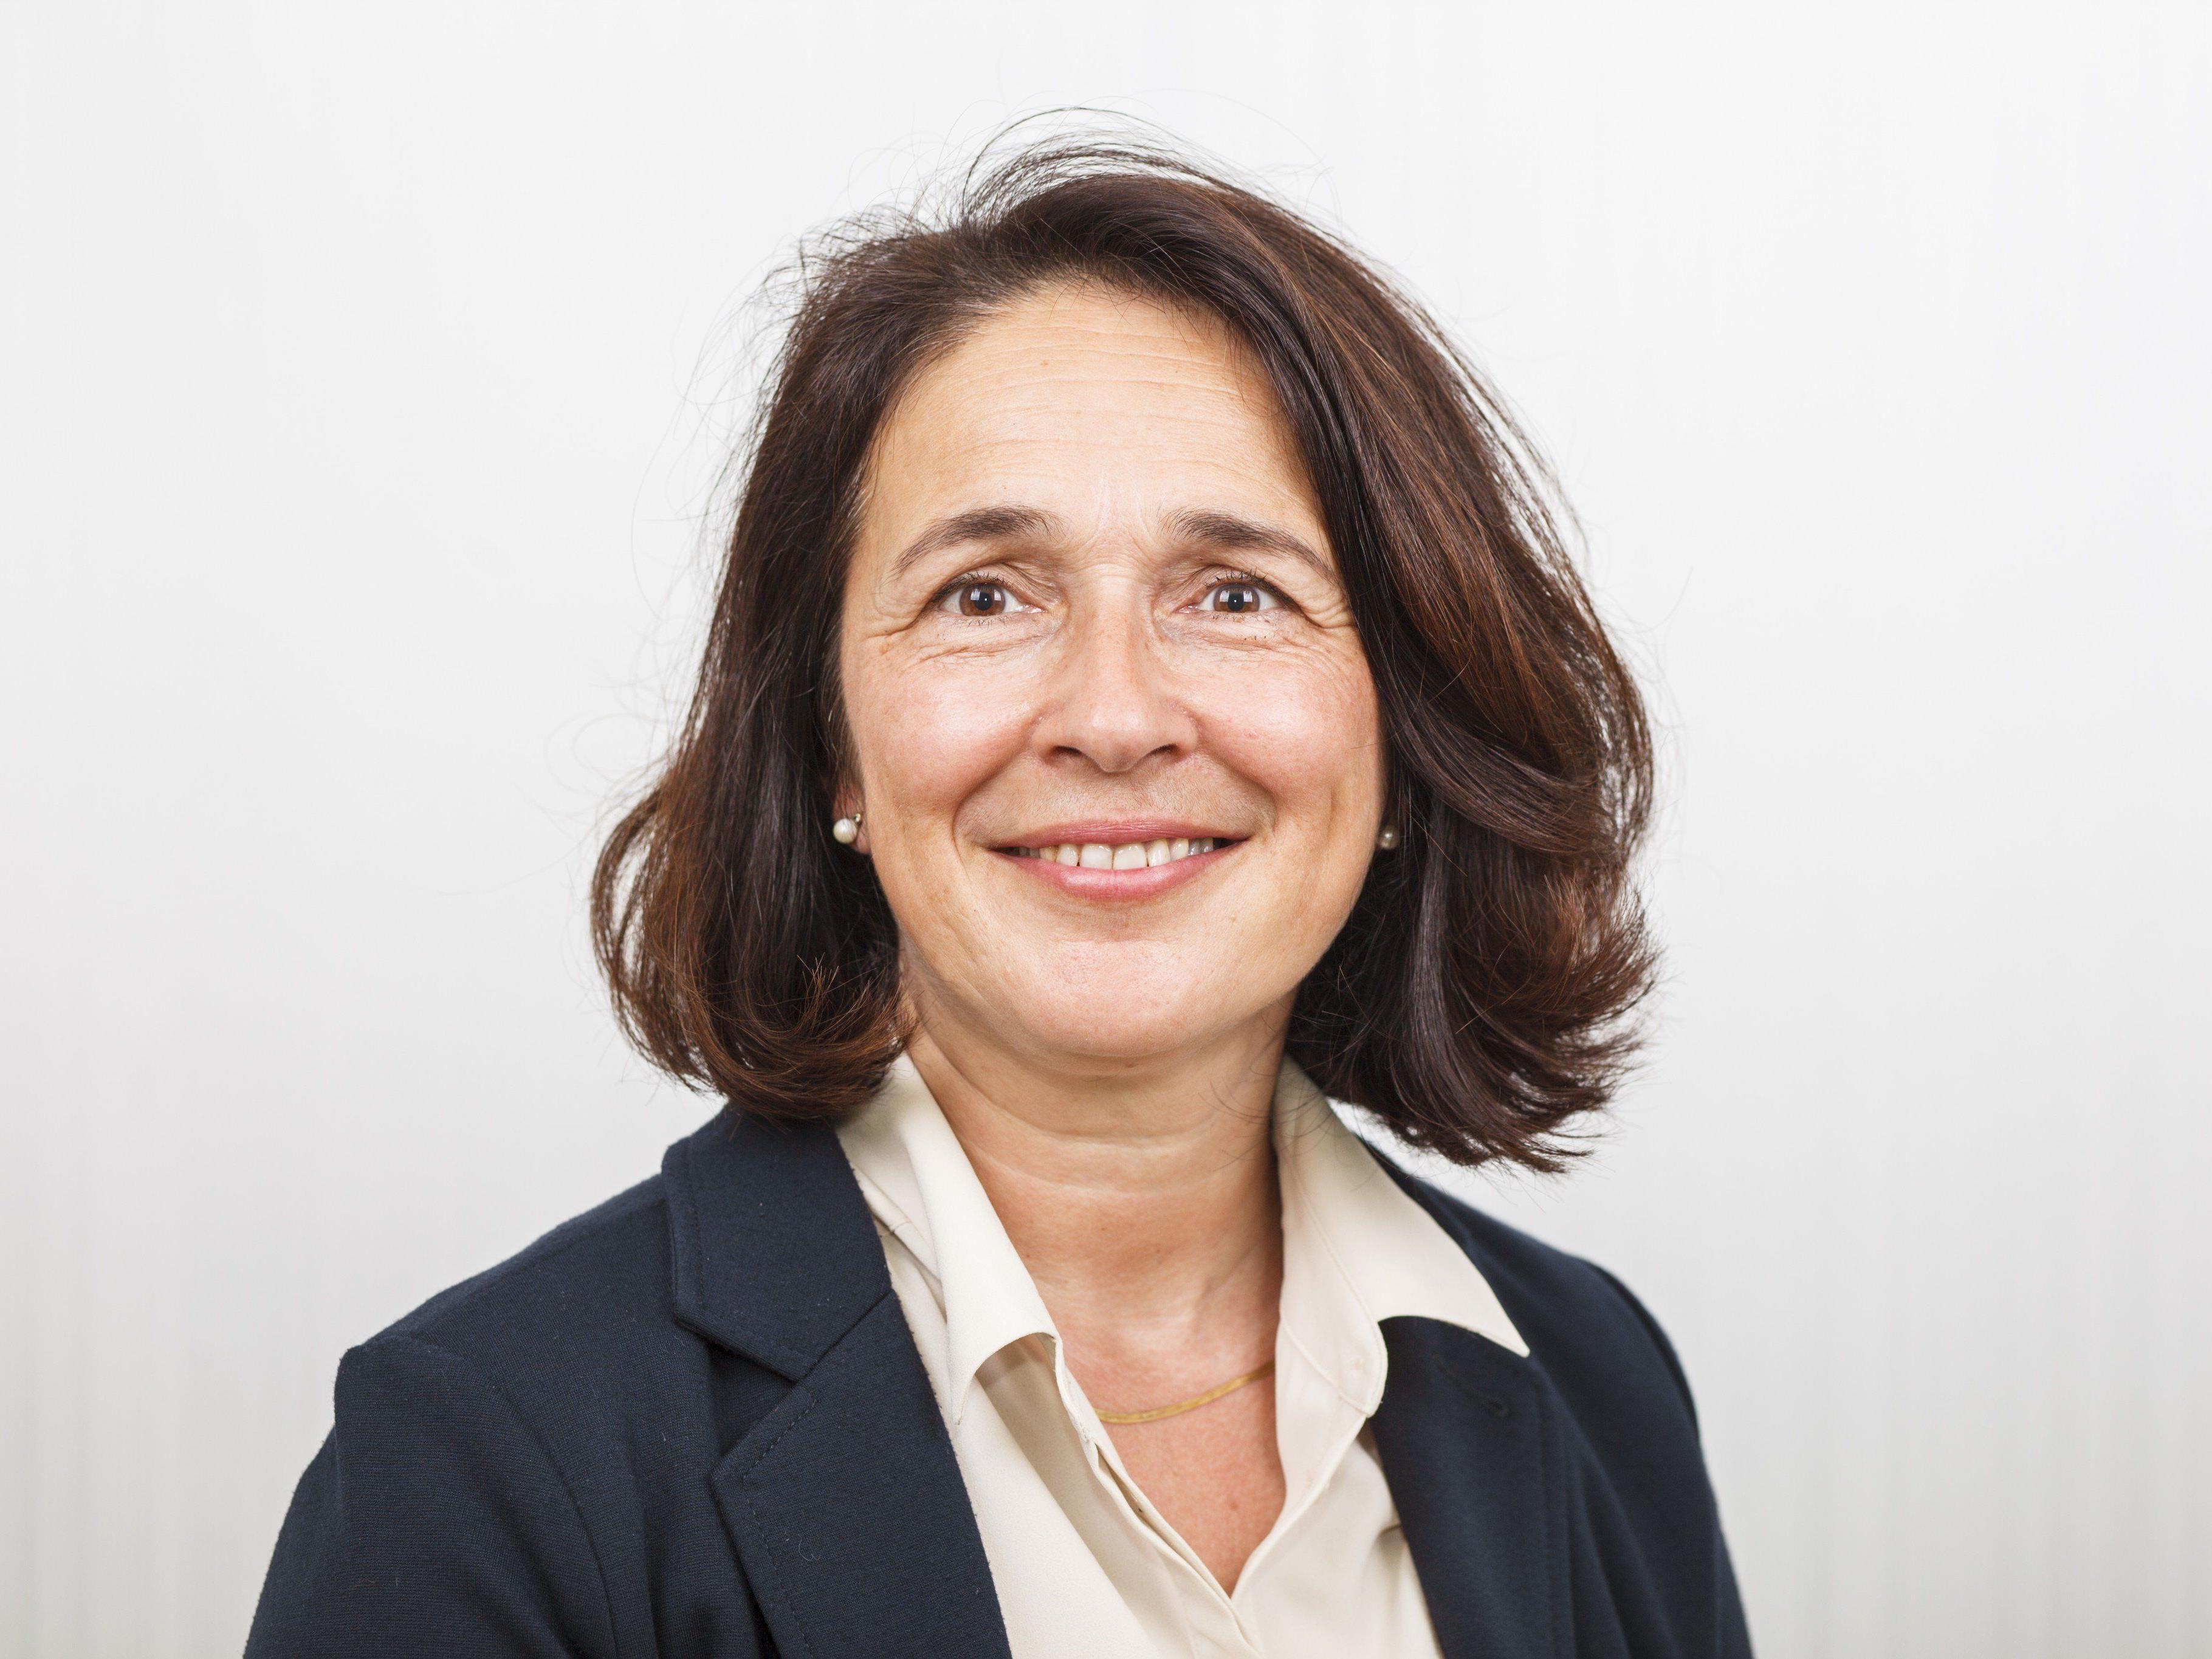 Mag. Michaela Germann, Obfrau der ÖPU (Österr. Professorenunion) Vorarlbergs